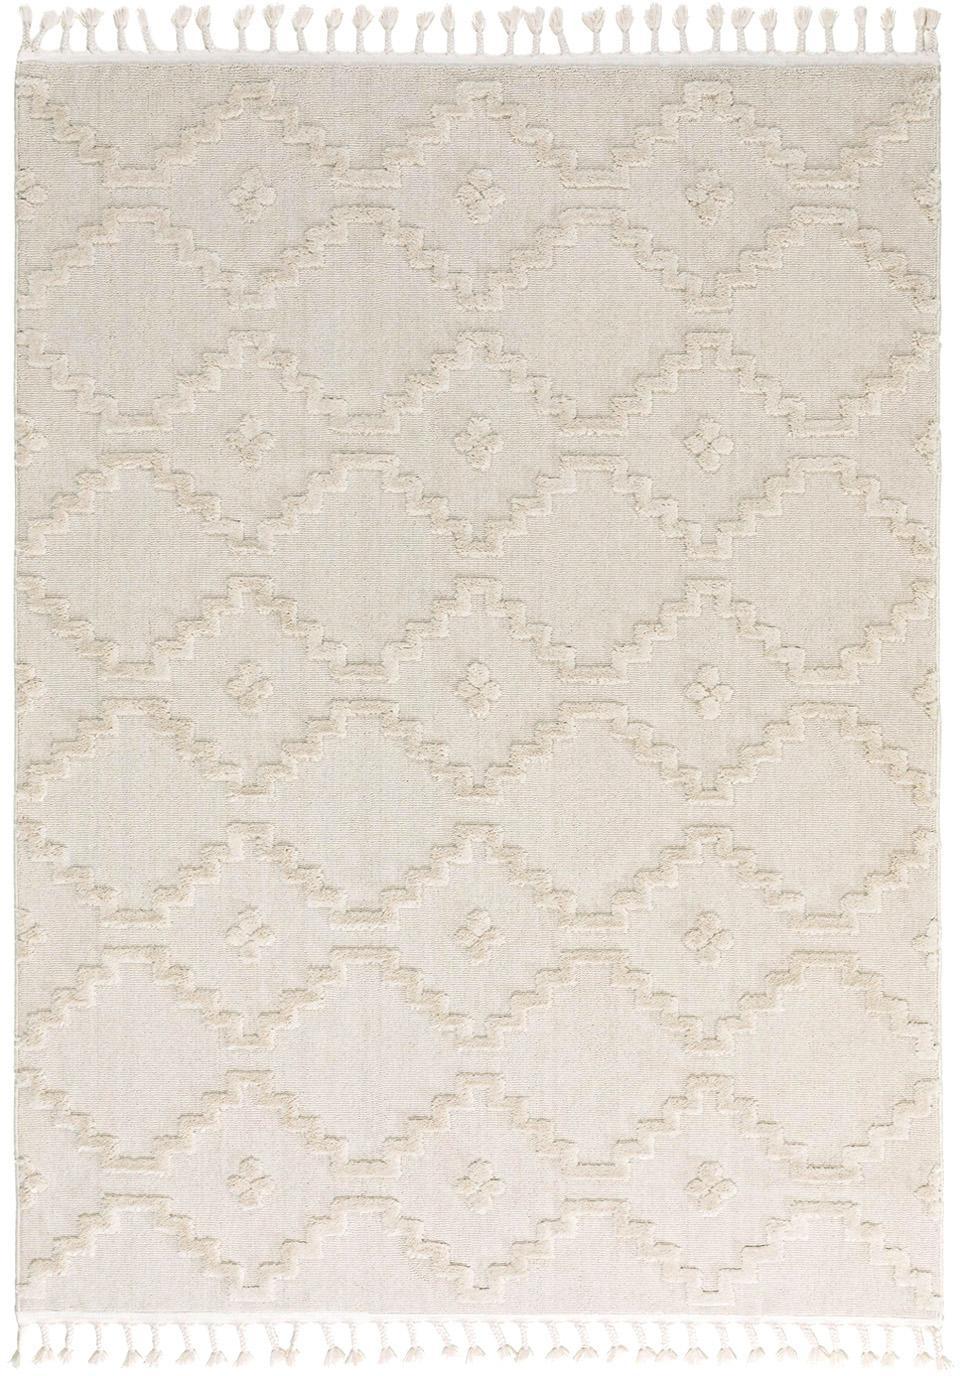 Teppich Oyo in Creme mit Hoch-Tiefmuster im Boho Stil, Flor: Polyester, Creme, B 160 x L 230 cm (Größe M)